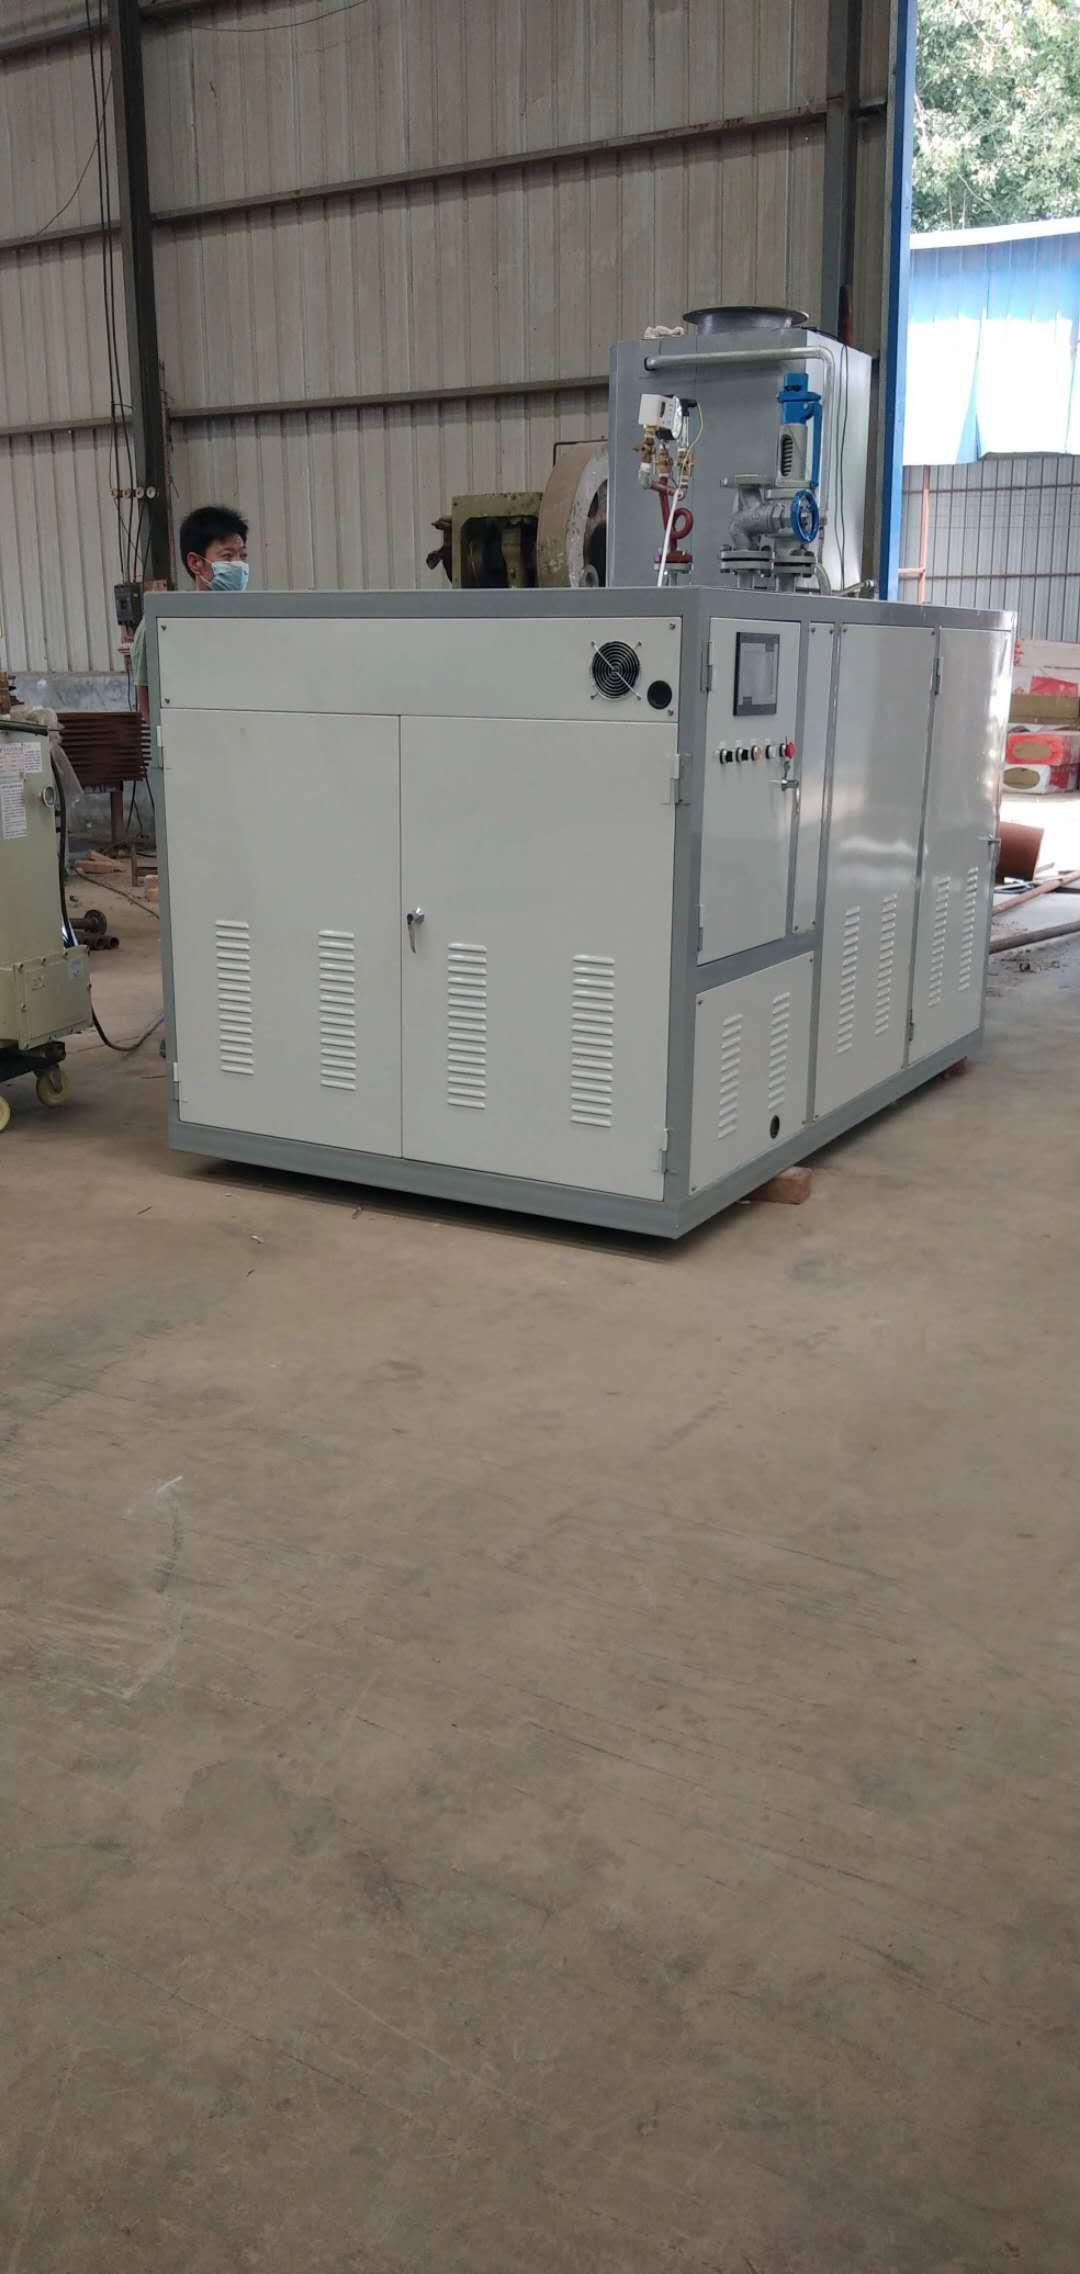 廣西700公斤天然氣低氮蒸汽發生器---免辦證-節能環保